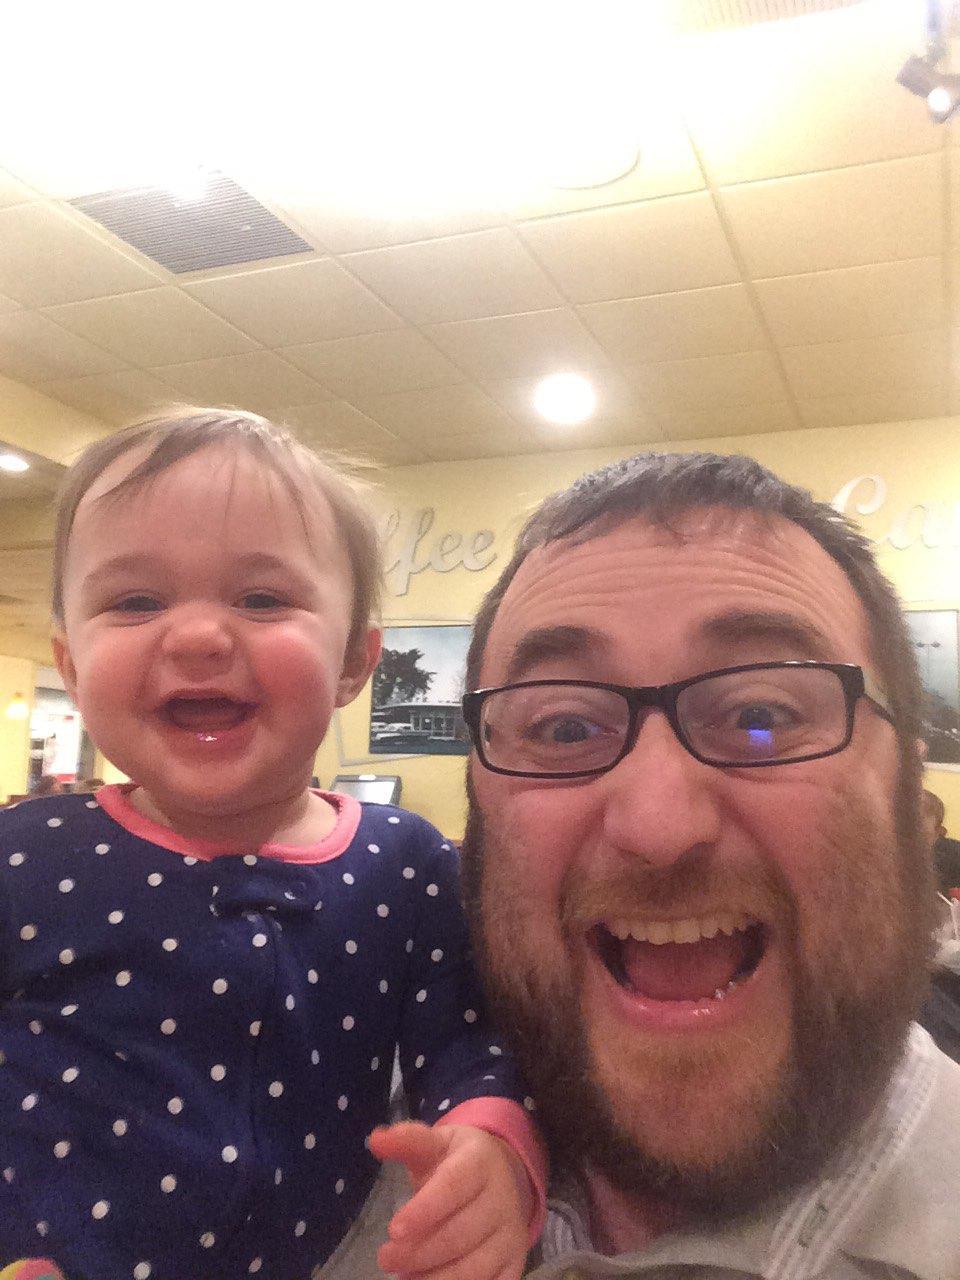 Daddy Daughter fun time